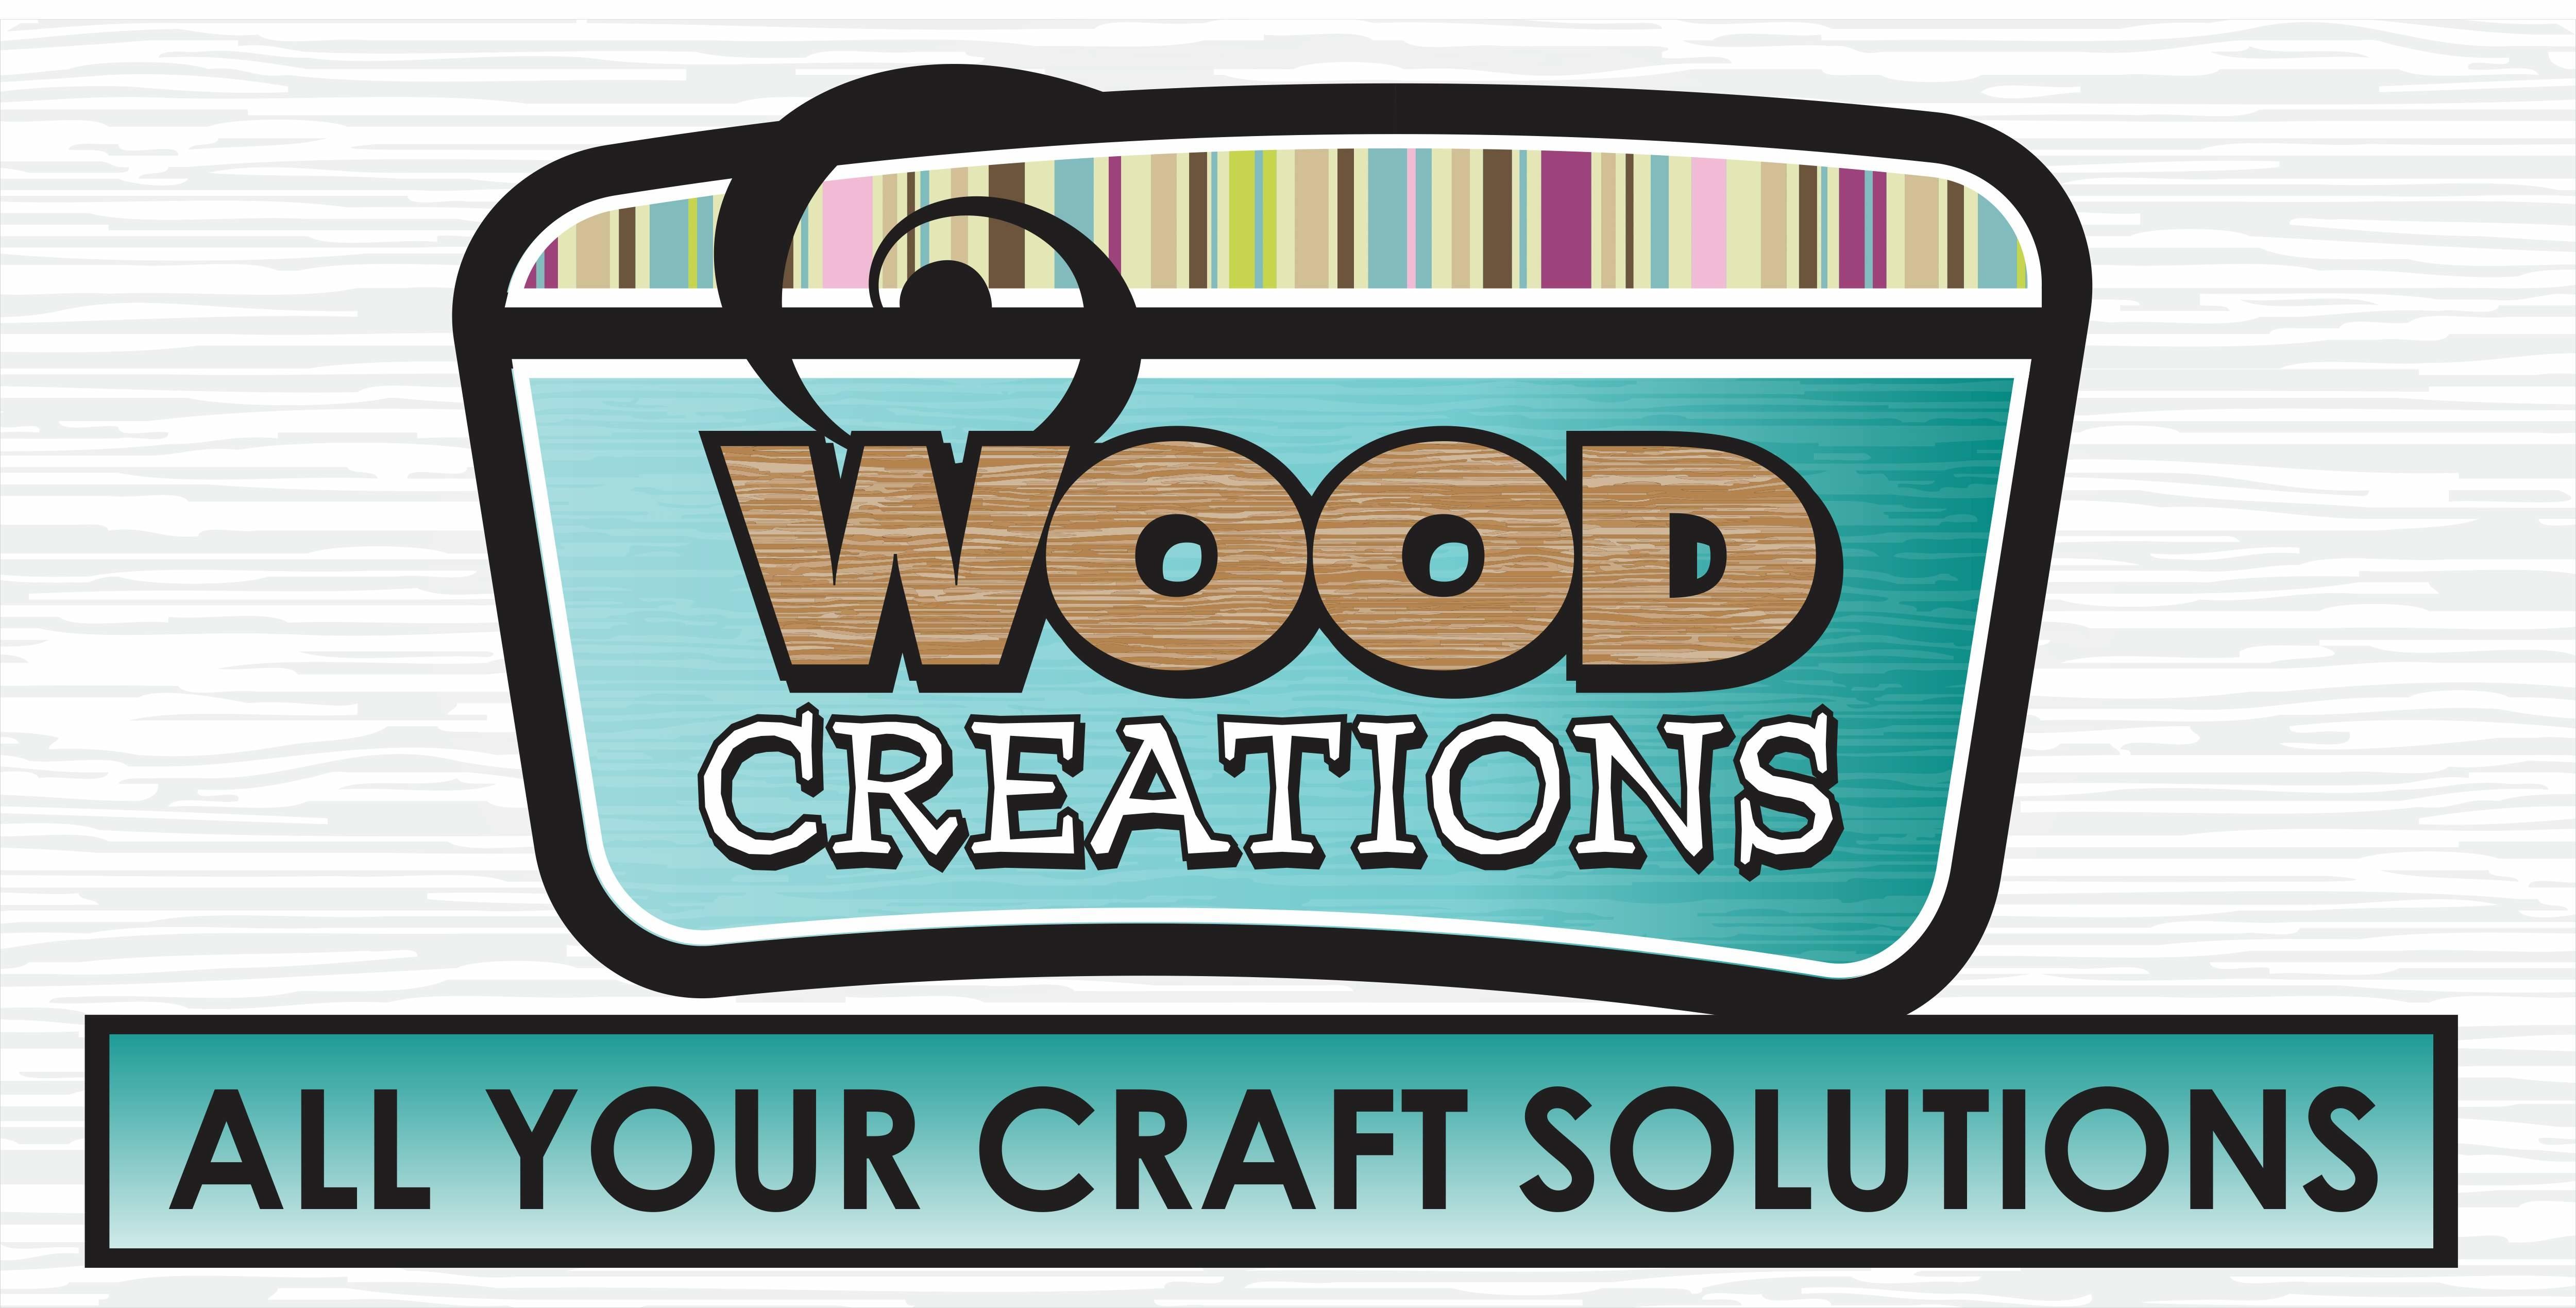 Wood creations boise